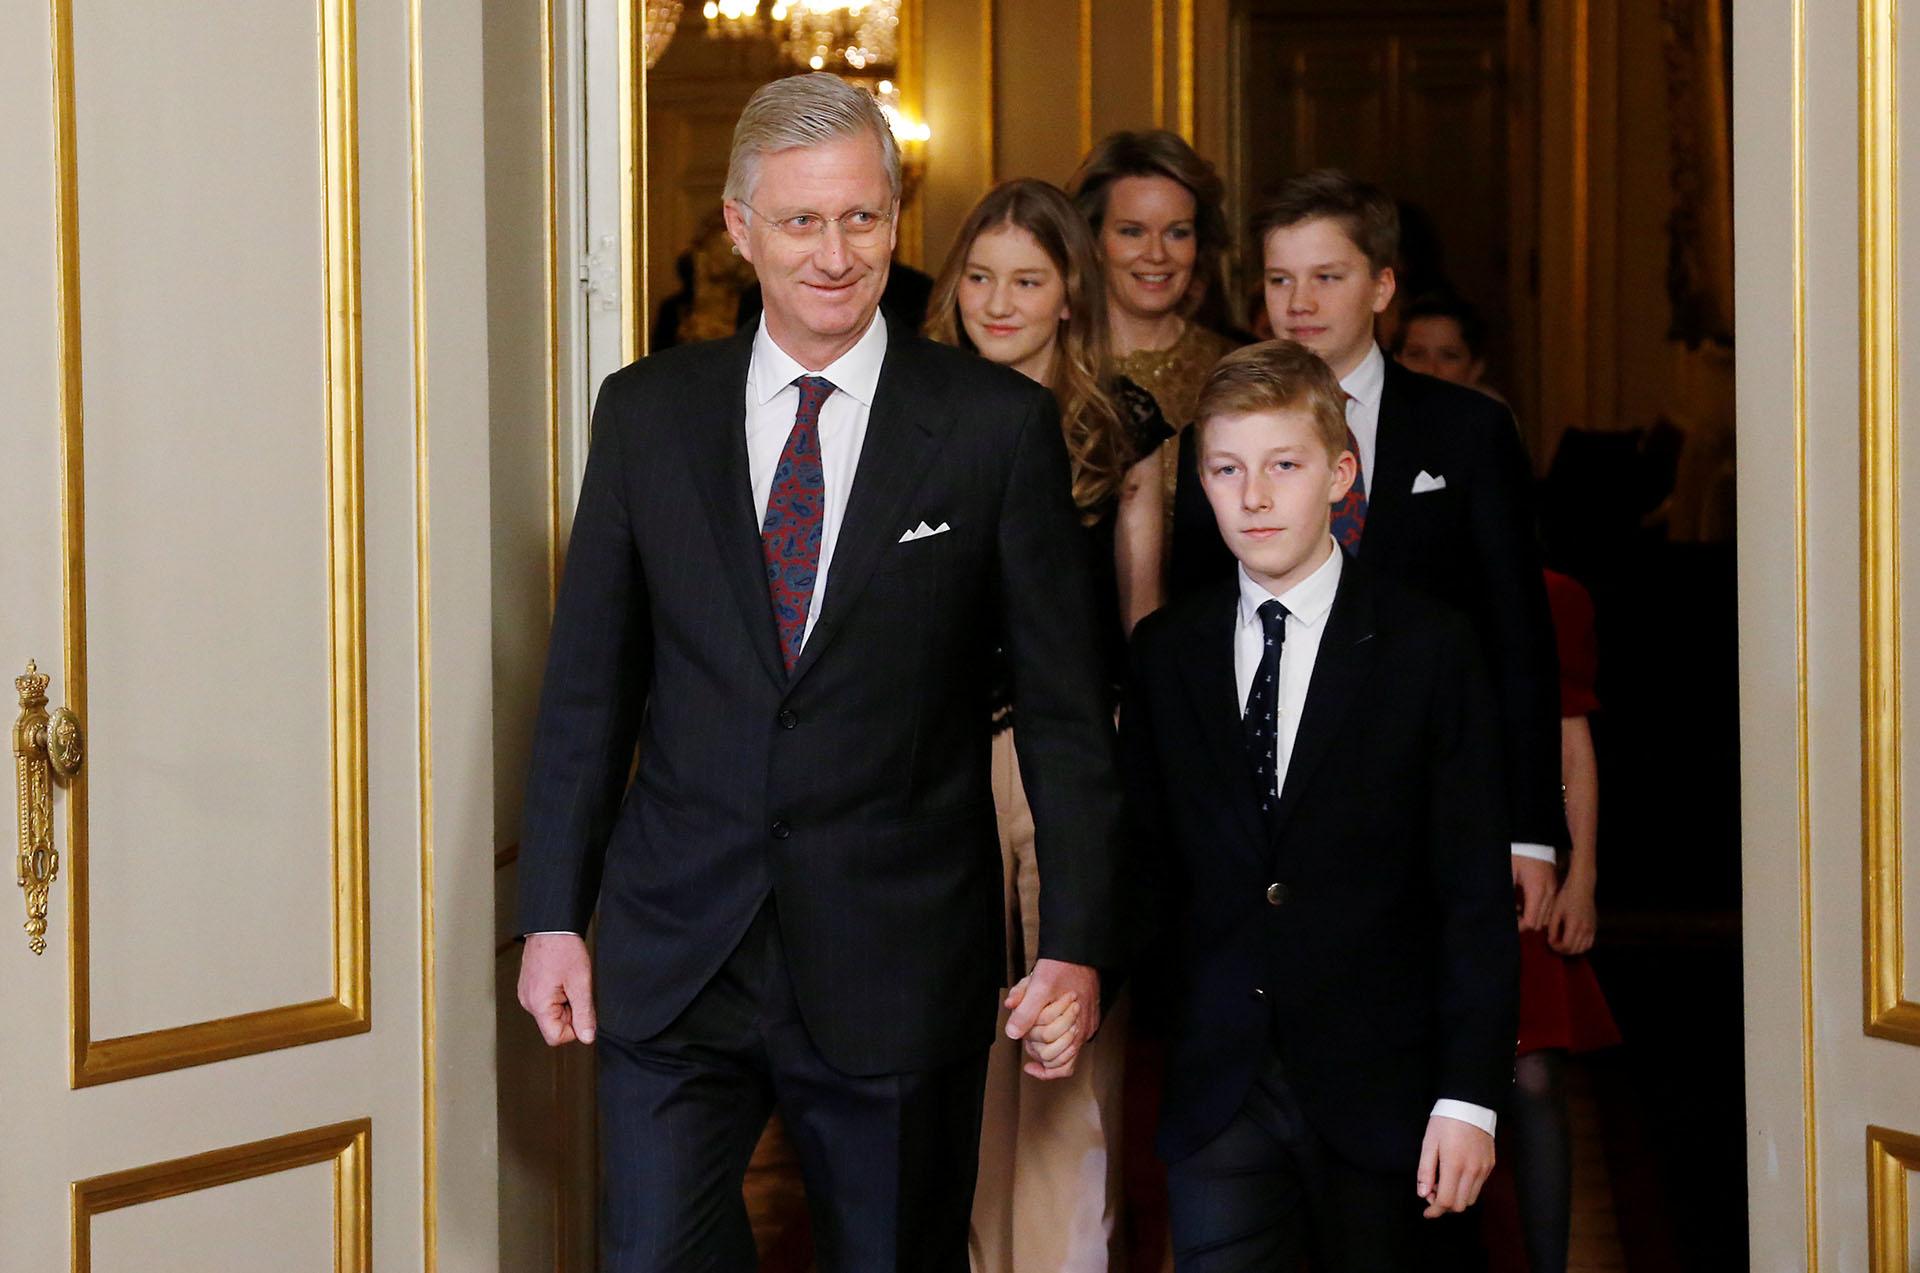 La entrada al concierto del rey Philippe de Bélgica de la mano de su hijo, el príncipe Emmanuel, seguidos por su familia